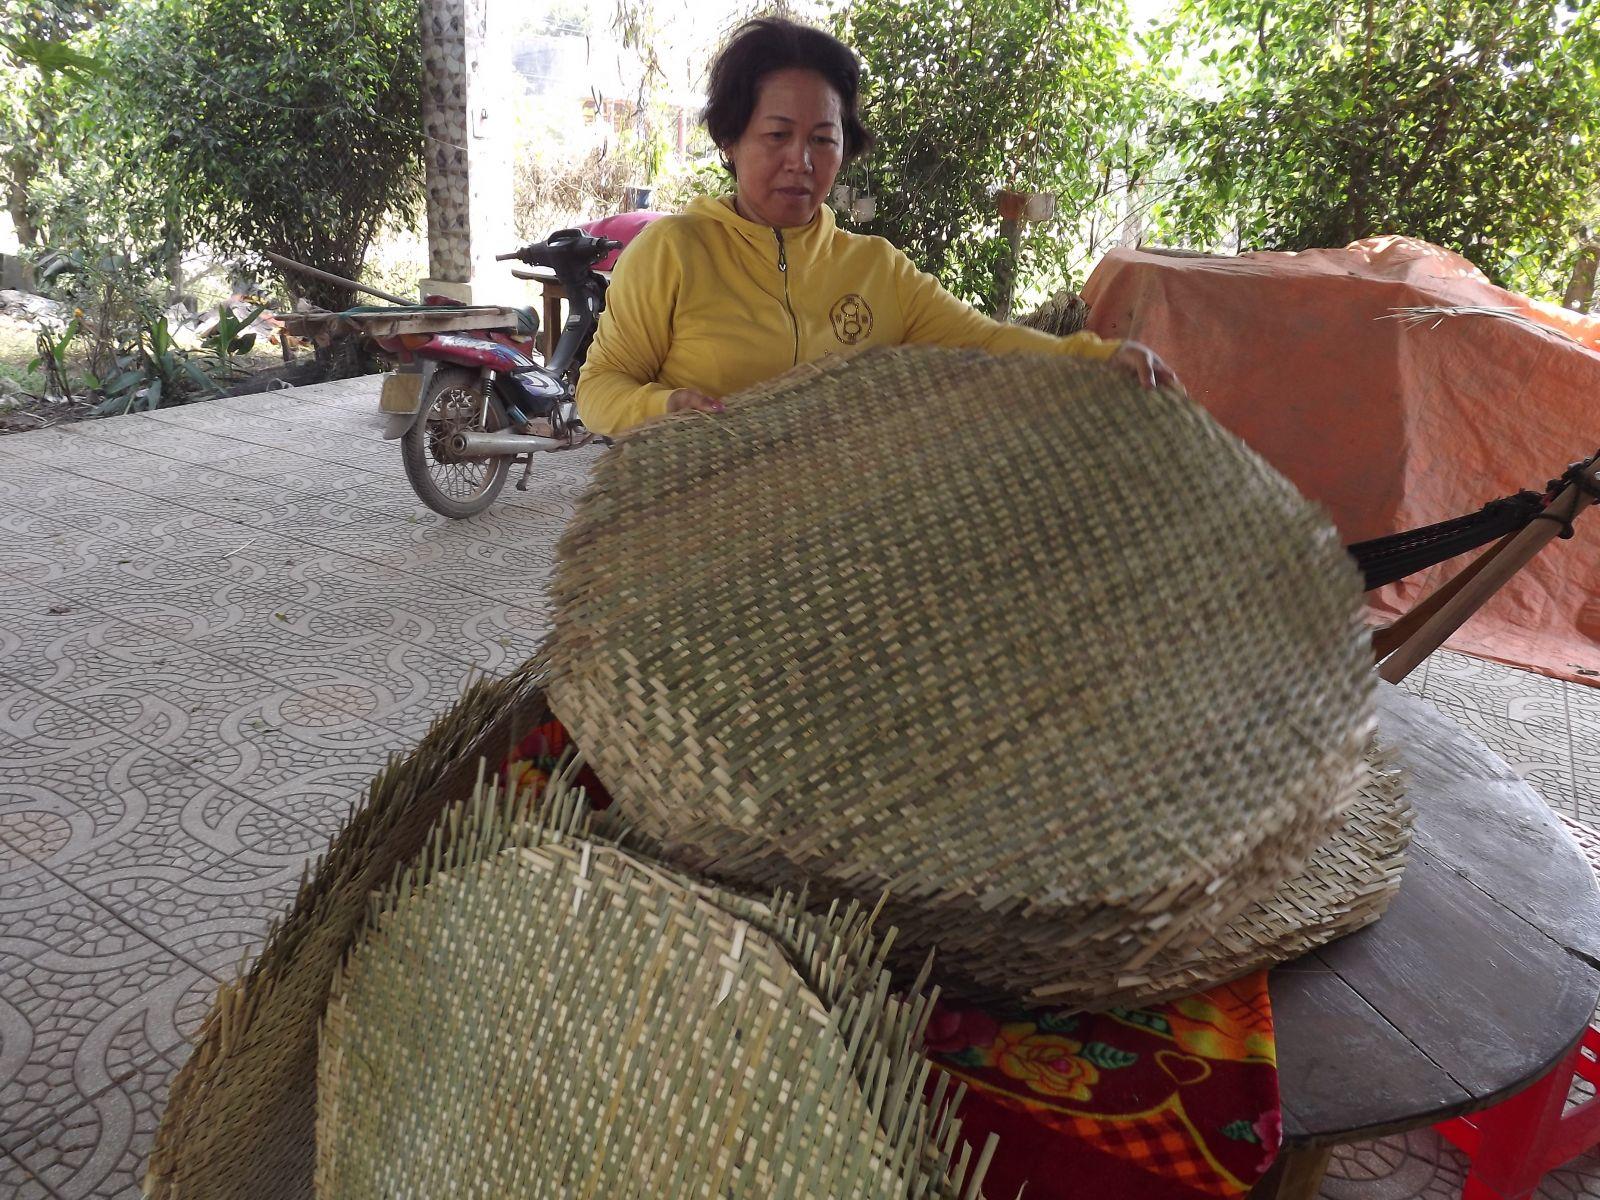 Nhiều mô hình phát triển kinh tế được huyện Đức Hòa thực hiện, góp phần tăng thu nhập, cải thiện cuộc sống người dân